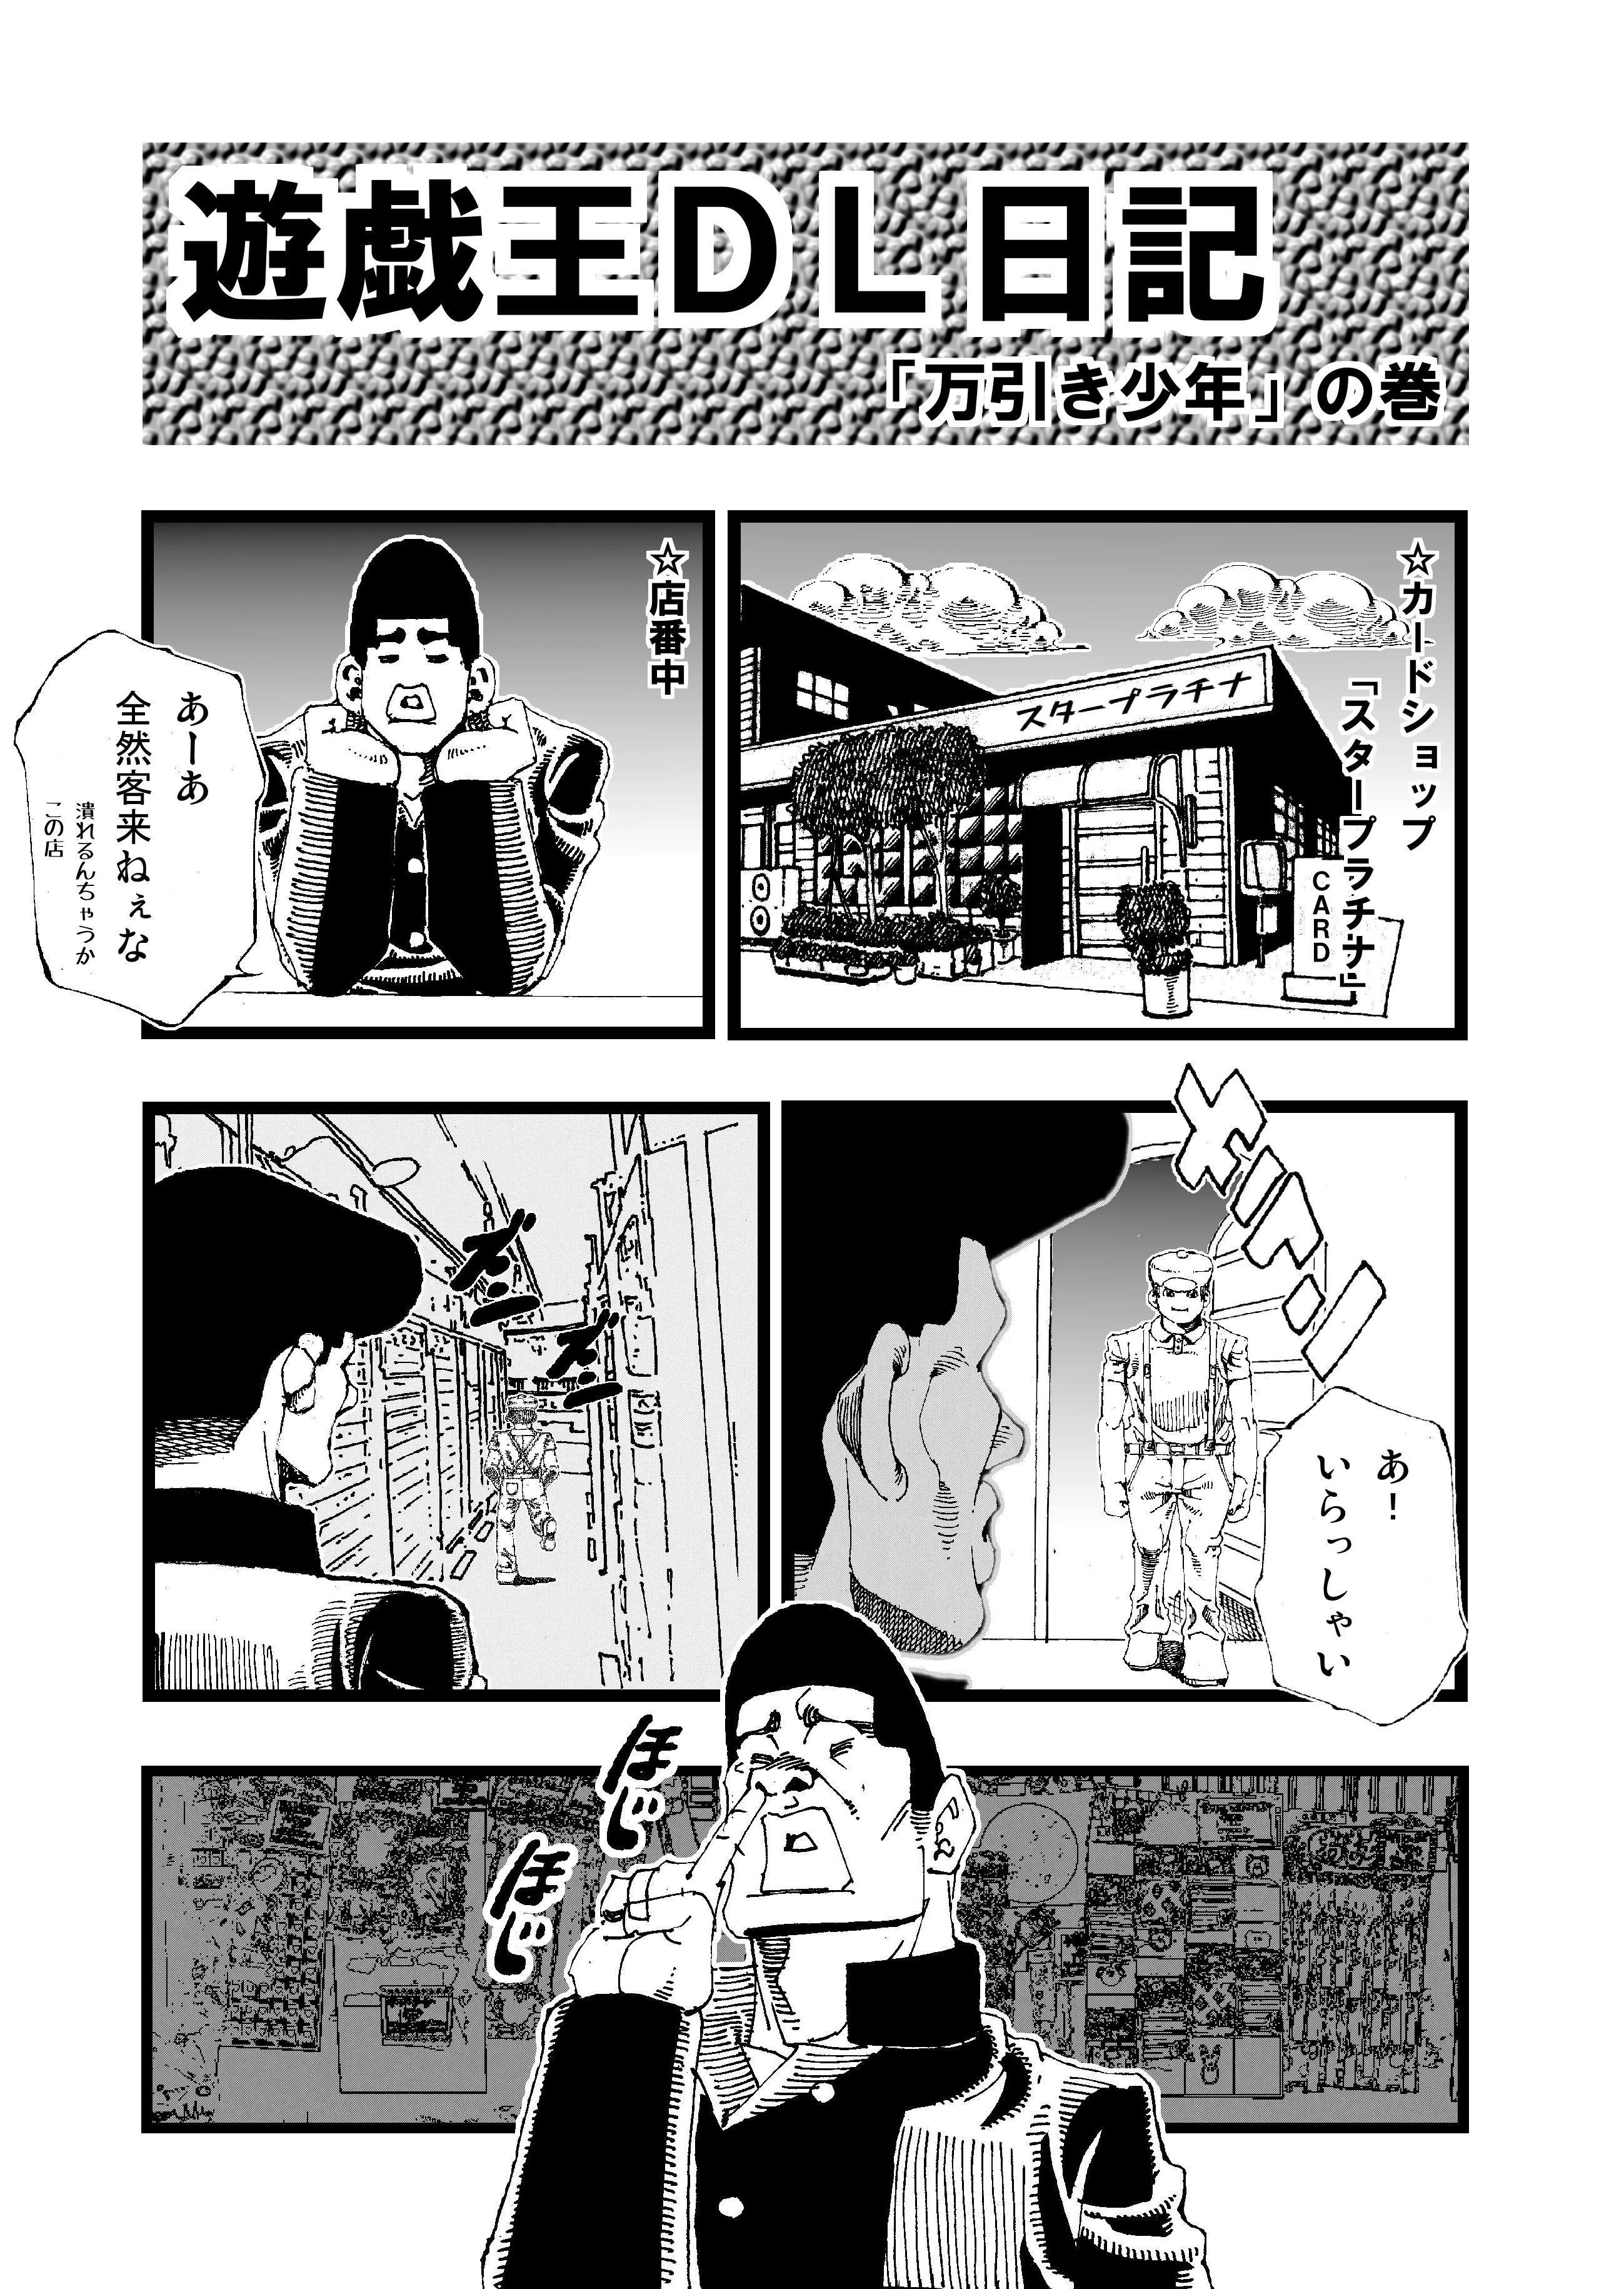 遊戯王デュエルリンクス日記42 「万引き少年」編